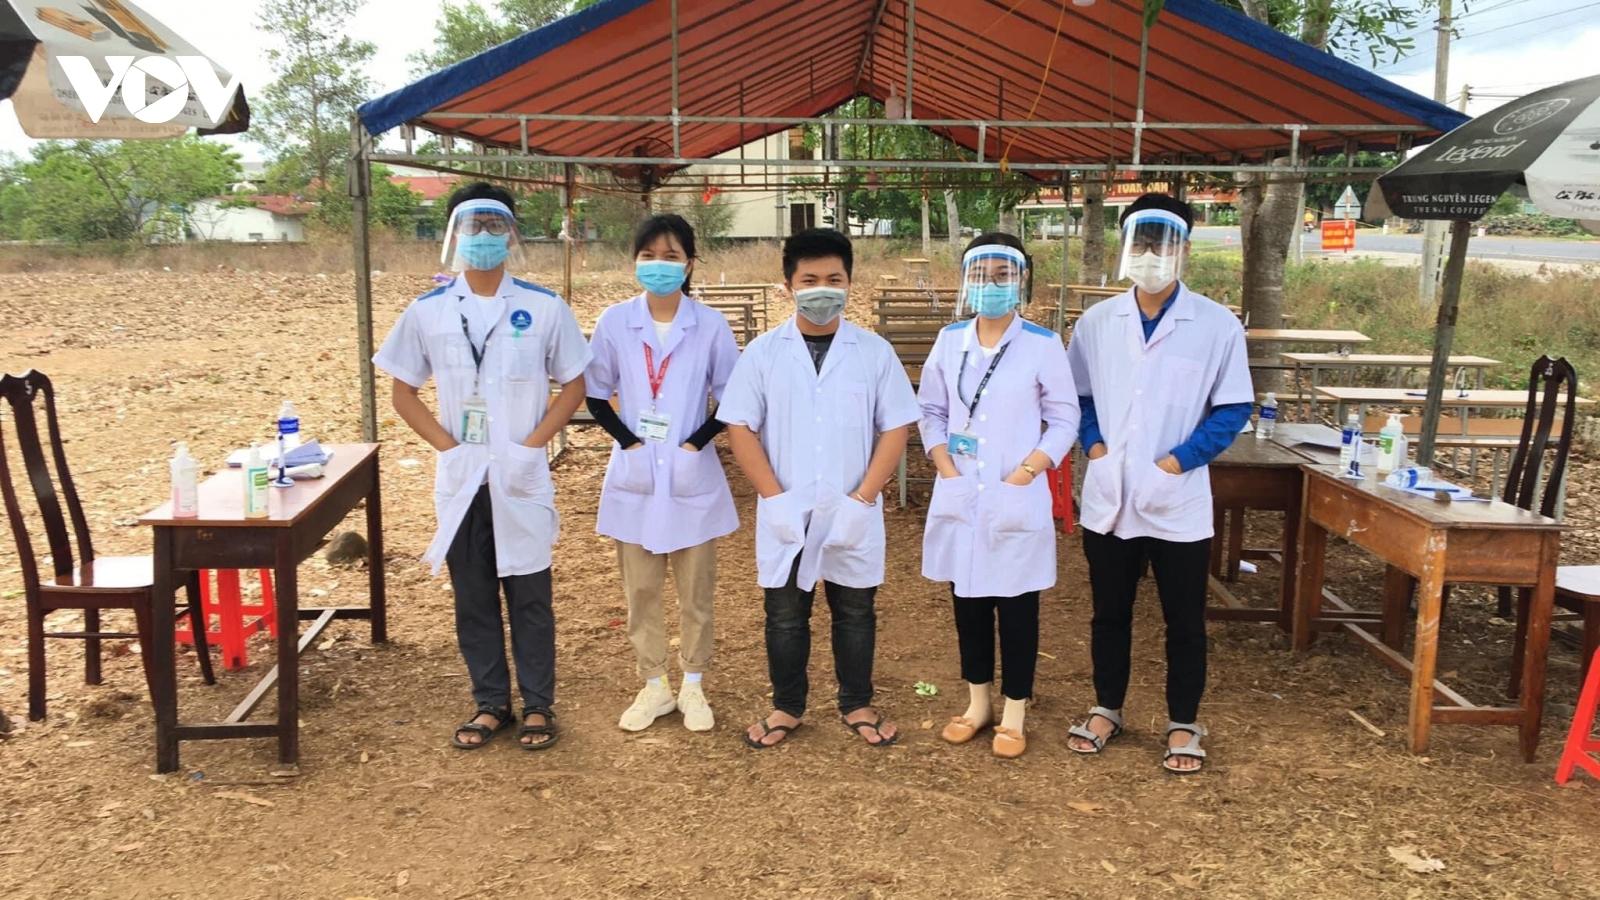 Đắk Lắk huy động 100 sinh viên ngành y, dược tham gia chống dịch Covid-19